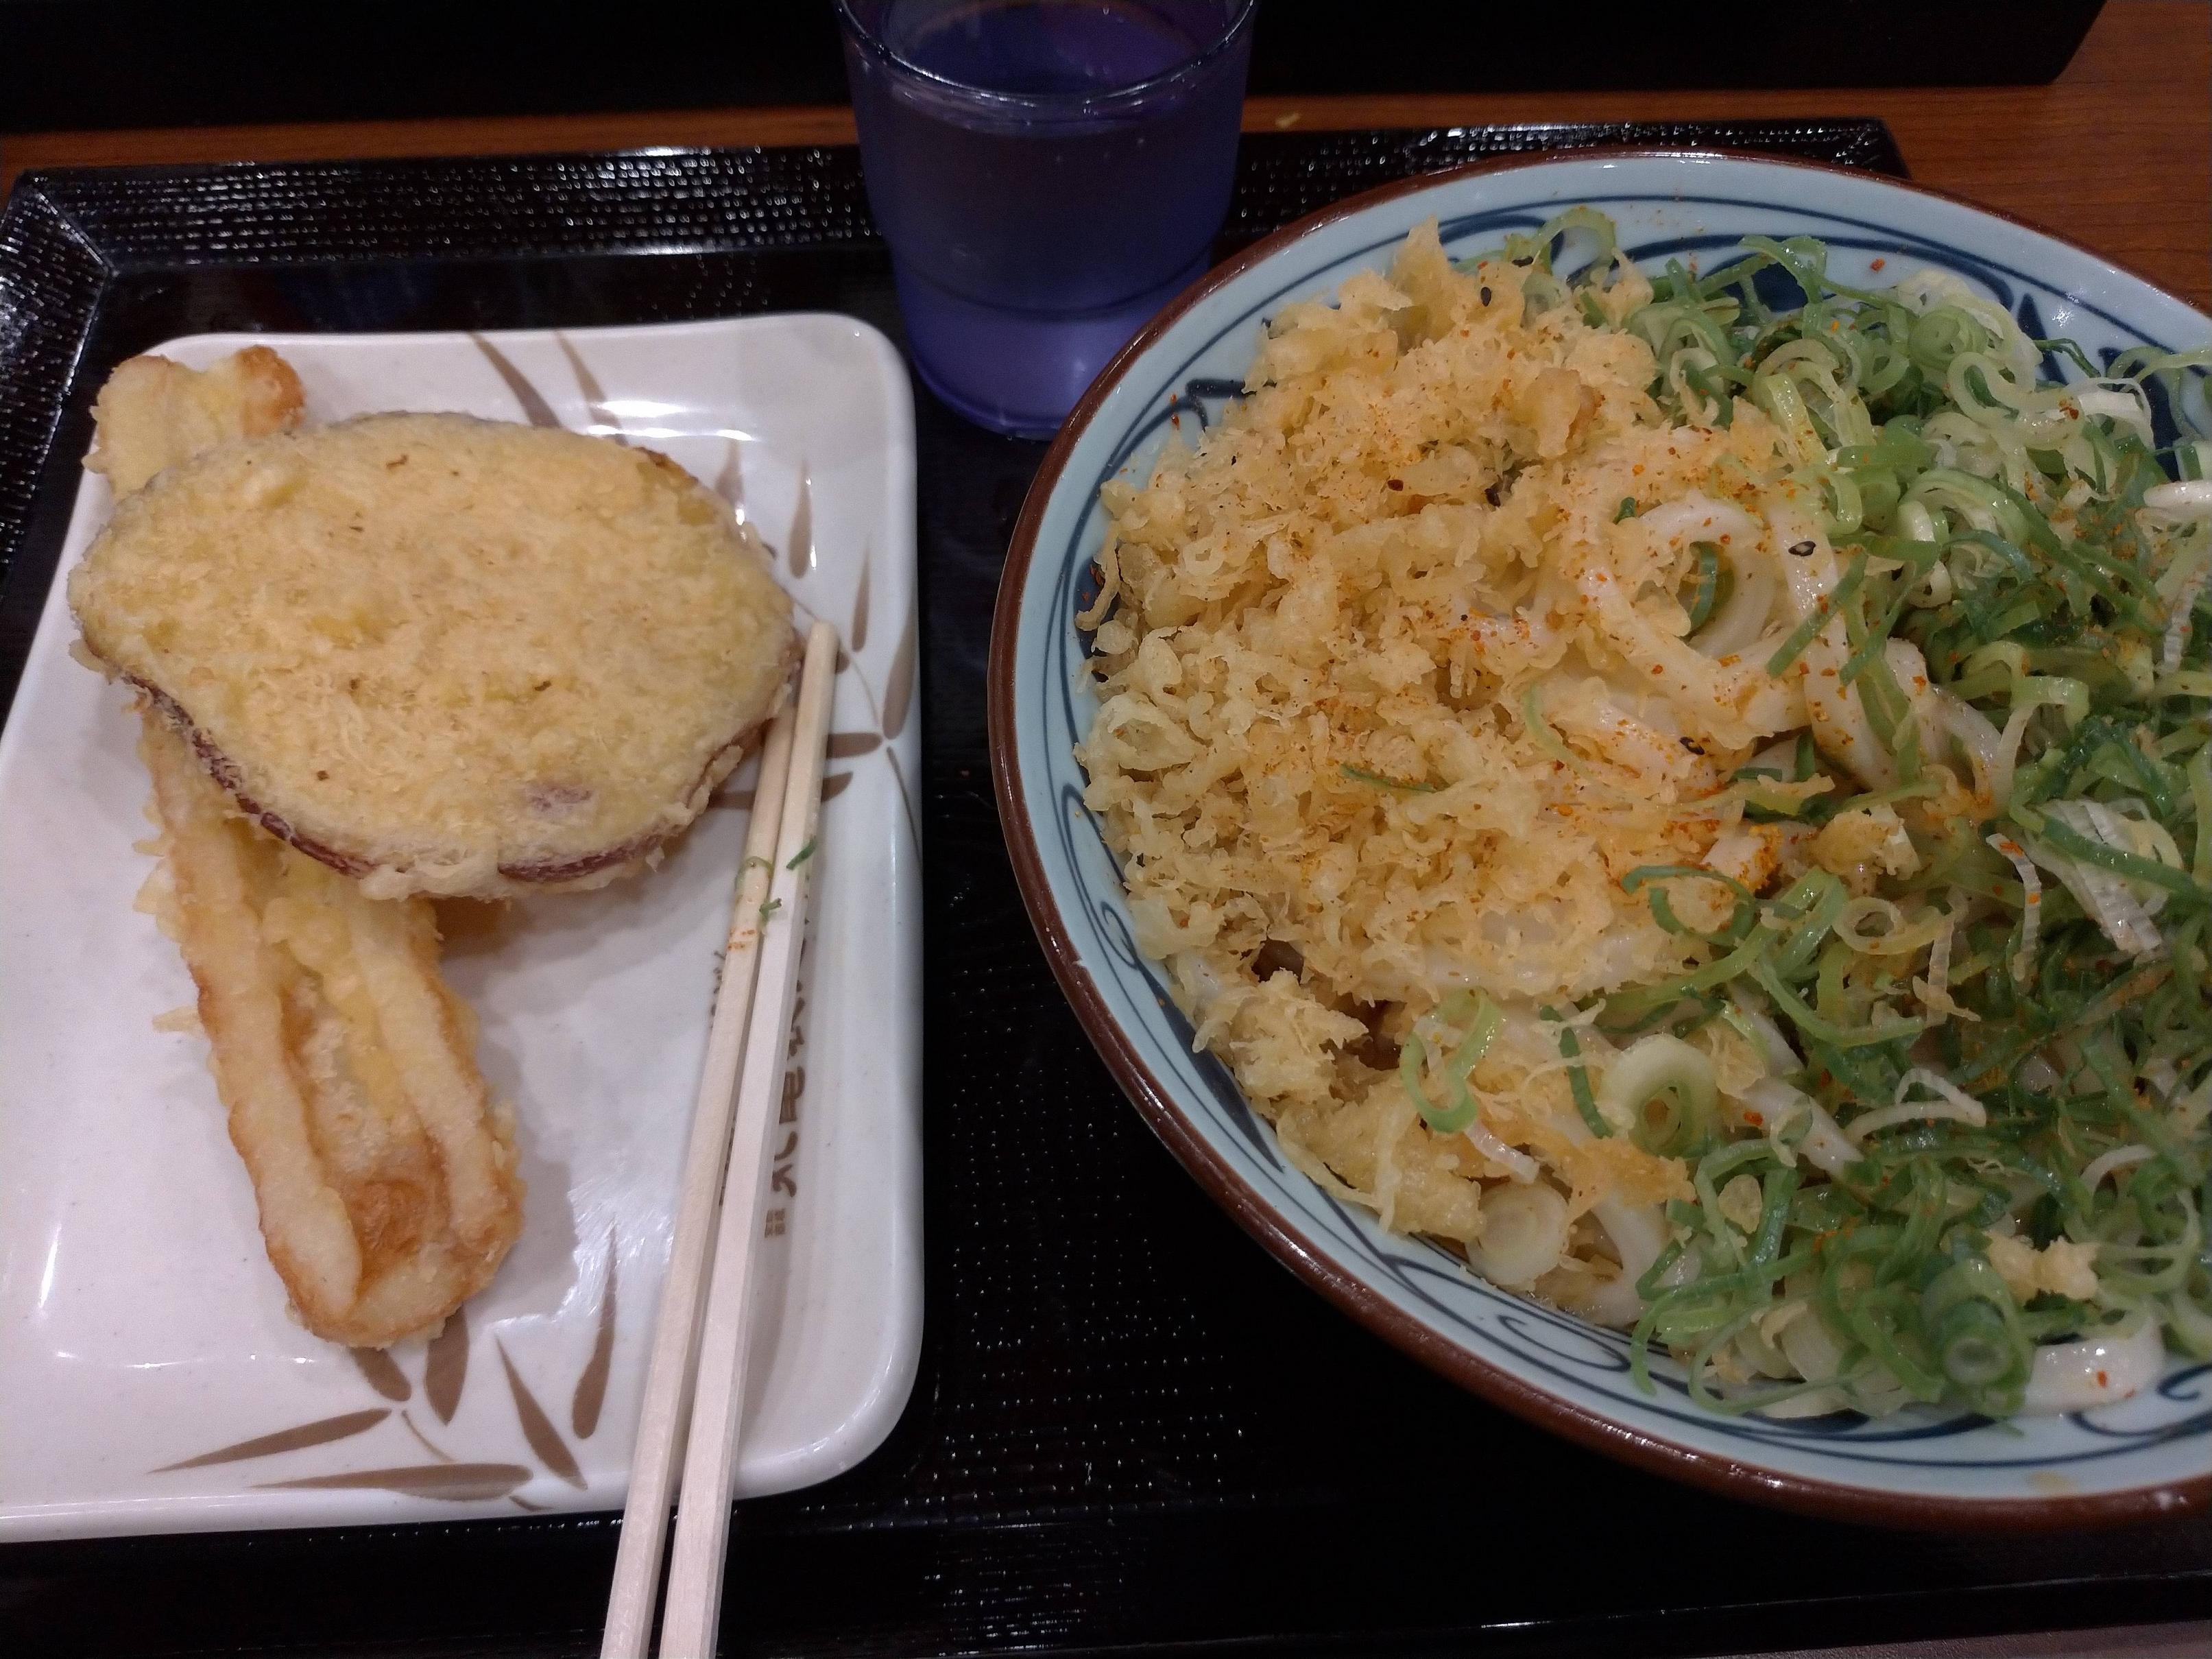 【画像】 丸亀製麺 来たったwwwwwwwwwwwwwwww